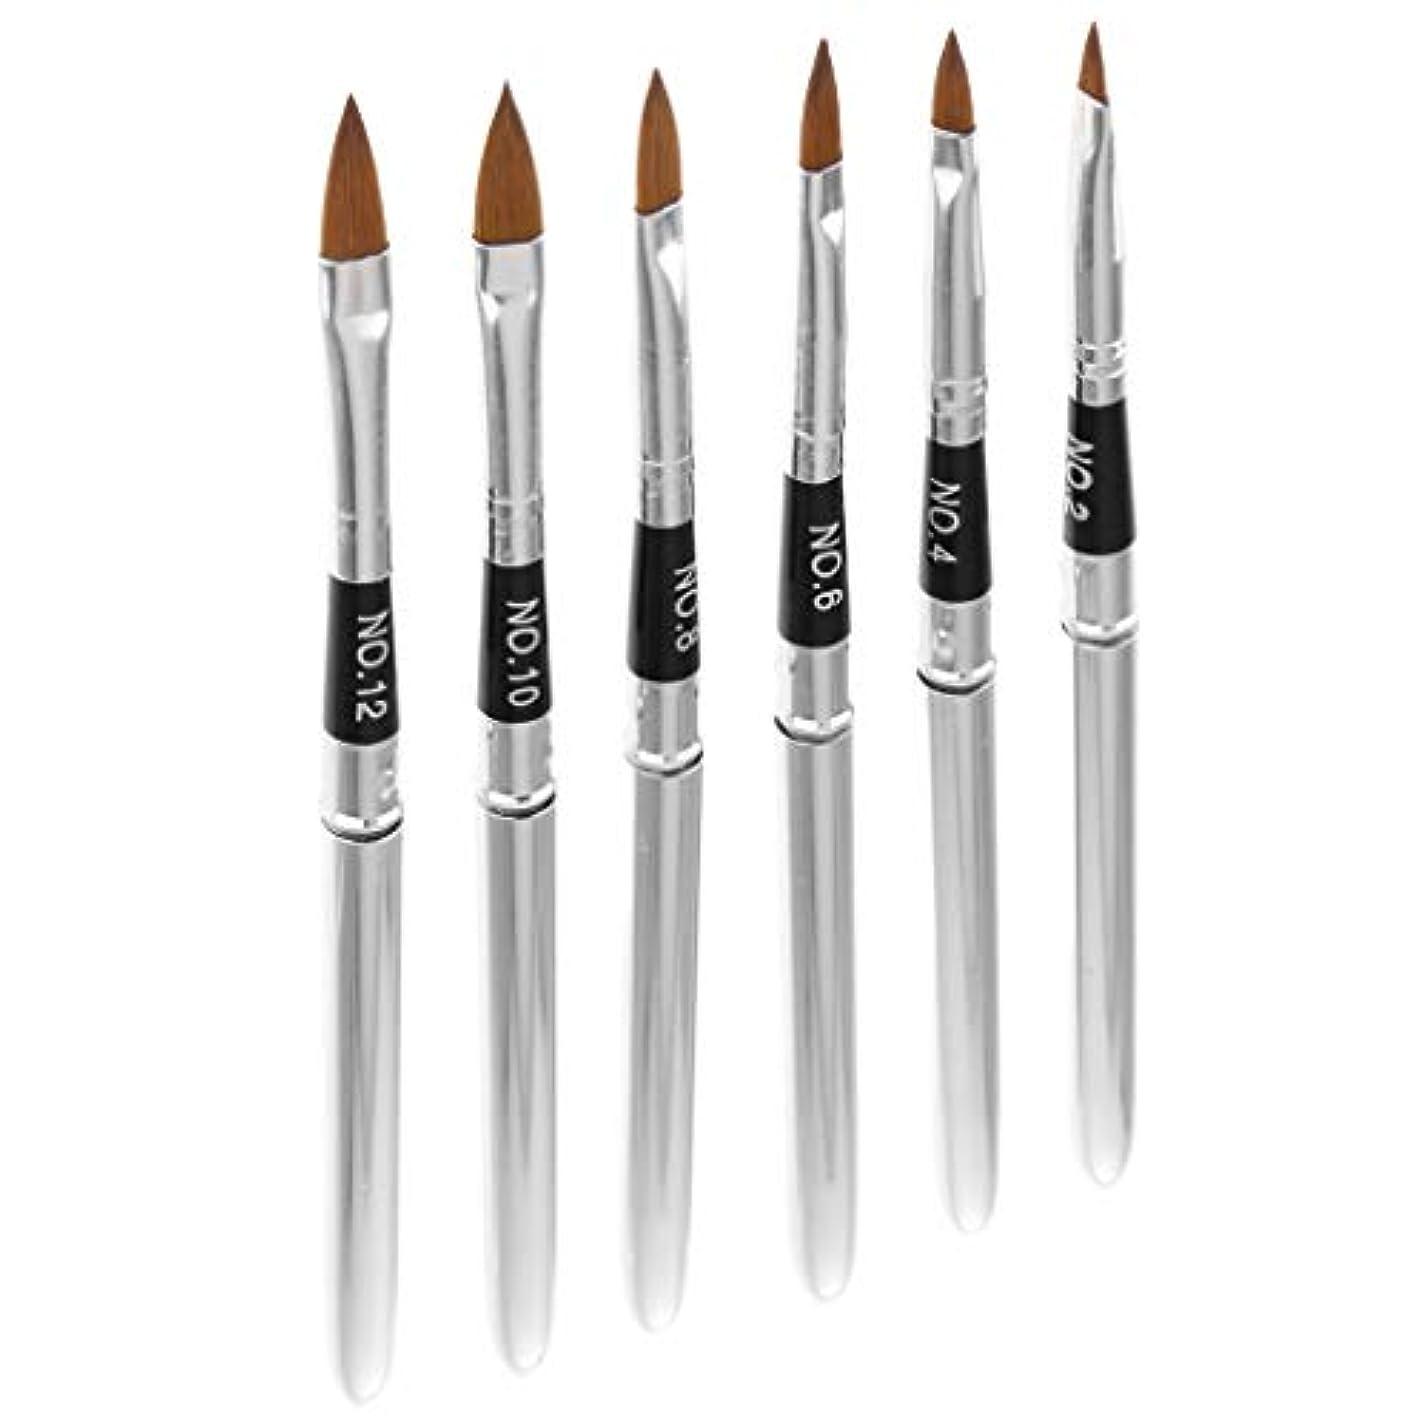 野な意外セーターネイルアートペン ペンブラシ ネイルブラシ 3D 絵画ペン ネイルデザイン ツール 6個入り